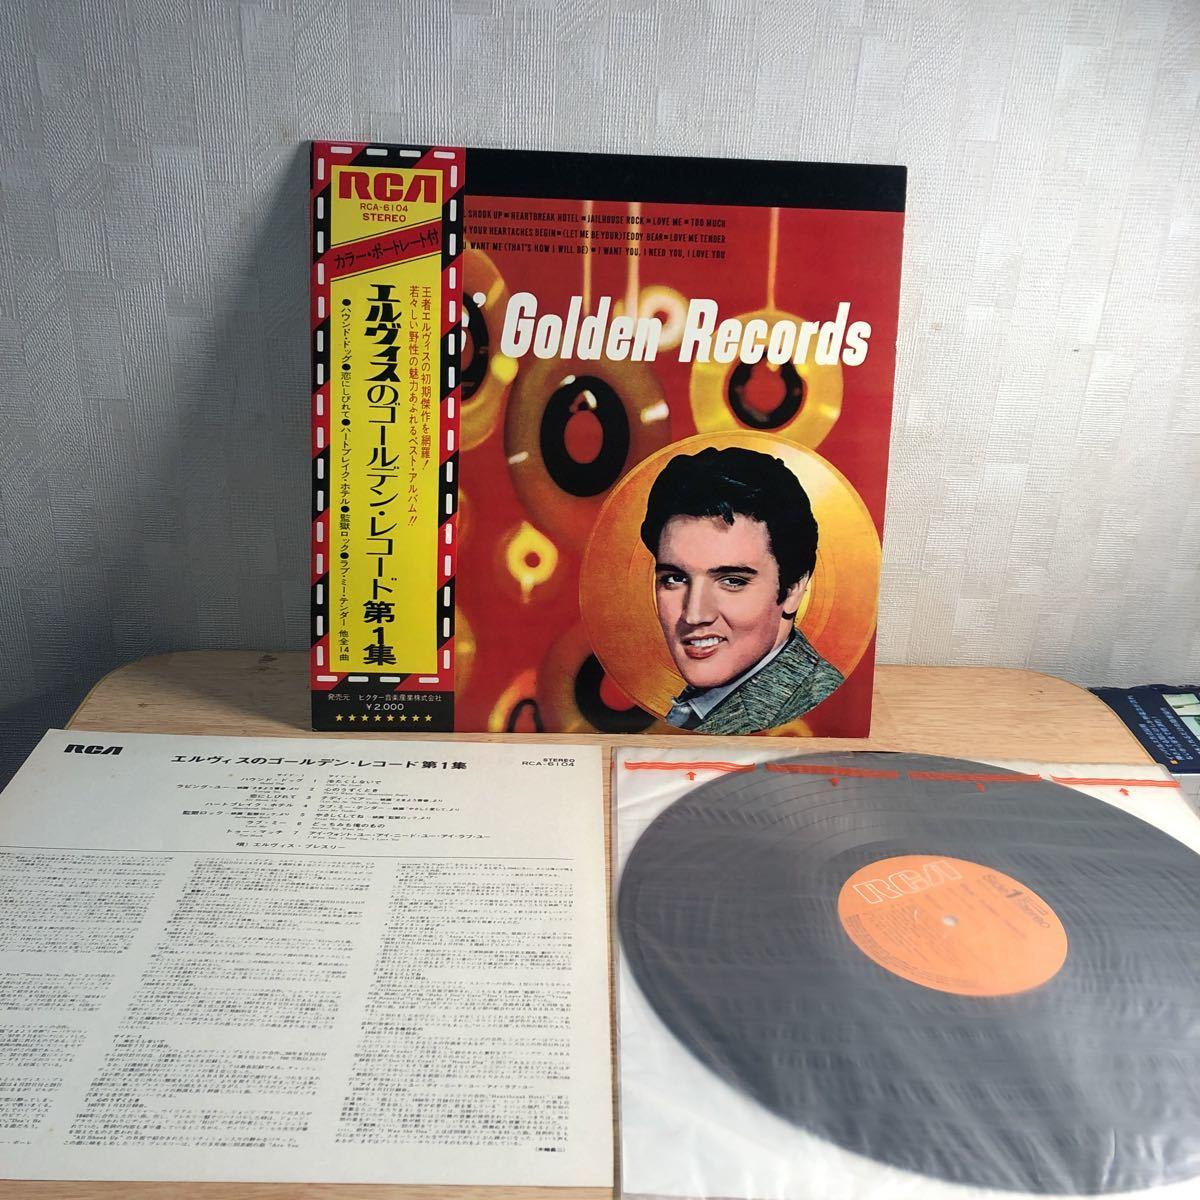 レア盤★LPレコード★エルヴィス・プレスリー★エルヴィスのゴールデン・レコード第1集★ 是非この機会に レコード多数出品中_画像2